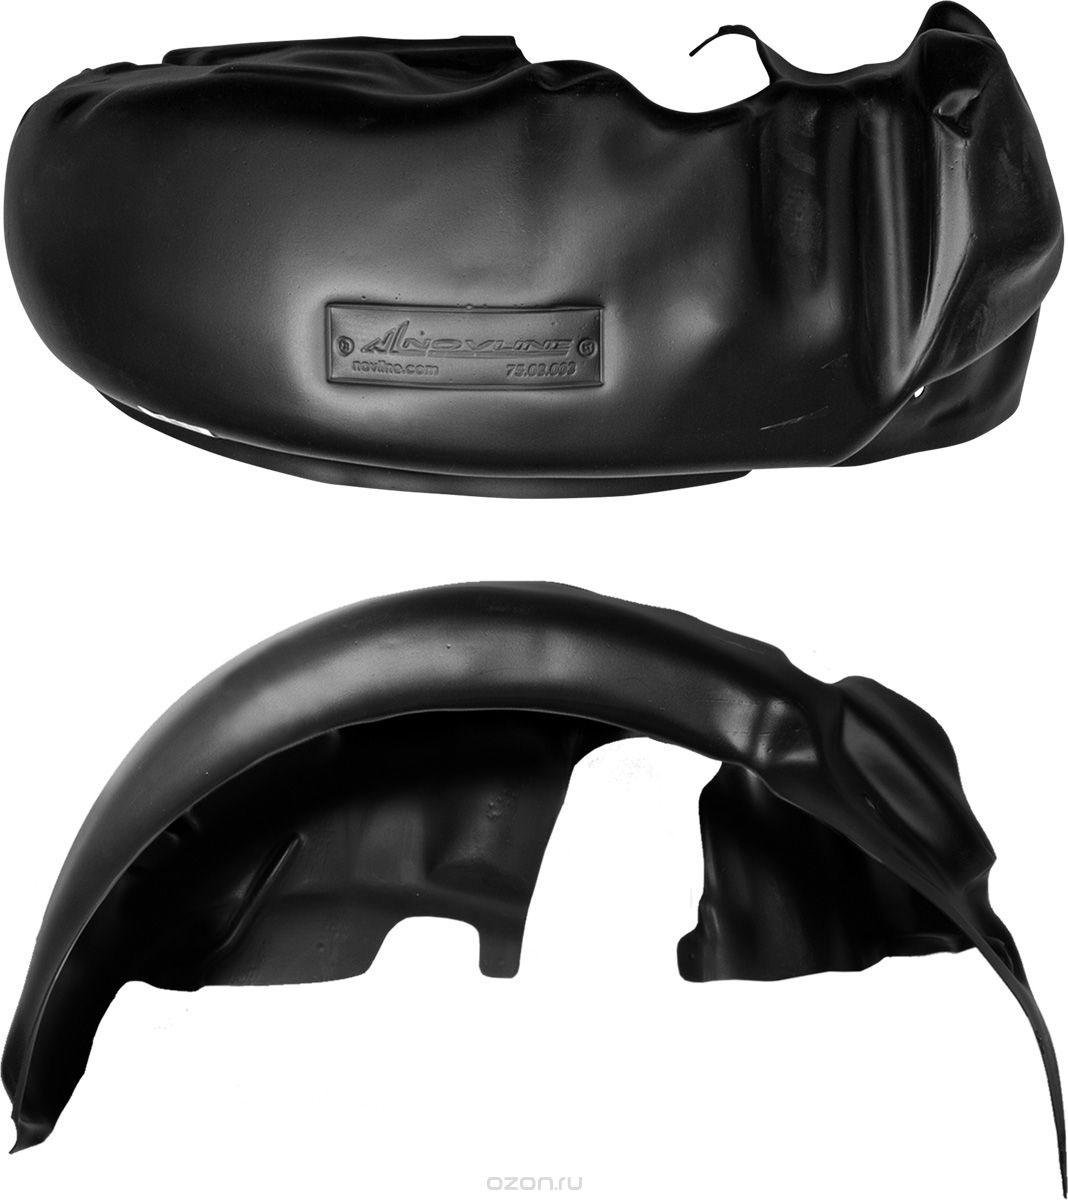 Подкрылок Novline-Autofamily, для GREAT WALL Hover H6, 2013->, задний левыйNLL.59.11.003Идеальная защита колесной ниши. Локеры разработаны с применением цифровых технологий, гарантируют максимальную повторяемость поверхности арки. Изделия устанавливаются без нарушения лакокрасочного покрытия автомобиля, каждый подкрылок комплектуется крепежом. Уважаемые клиенты, обращаем ваше внимание, что фотографии на подкрылки универсальные и не отражают реальную форму изделия. При этом само изделие идет точно под размер указанного автомобиля.